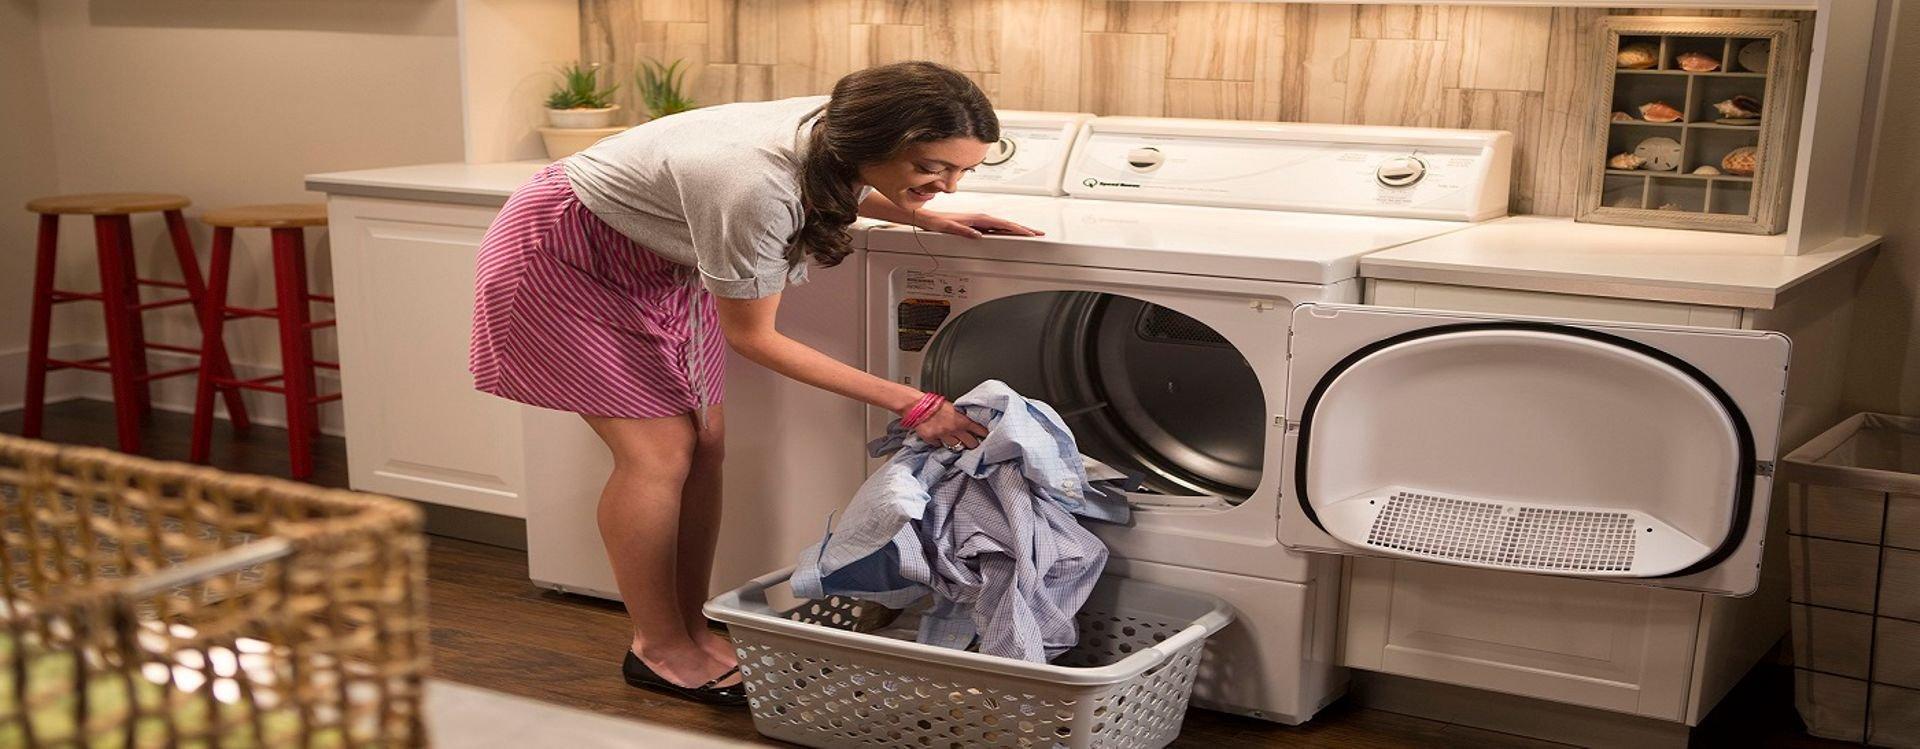 تعرفوا معنا على مميزات آلات تجفيف الملابس المستقلة والمدمجة وأنماطها المختلفة إضافة إلى آلية عمل حمَّاصة الغسيل